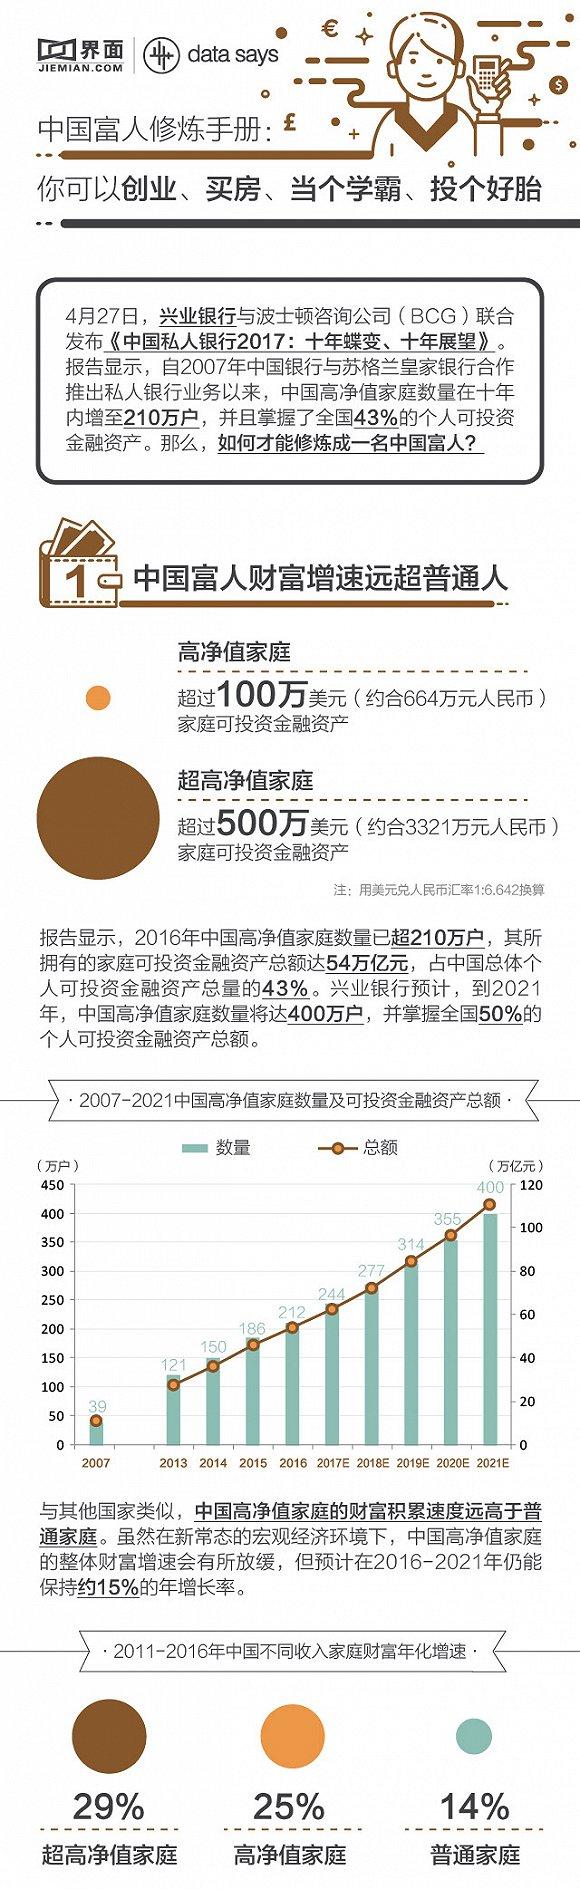 中国富人修炼手册:可创业、买房、投个好胎等